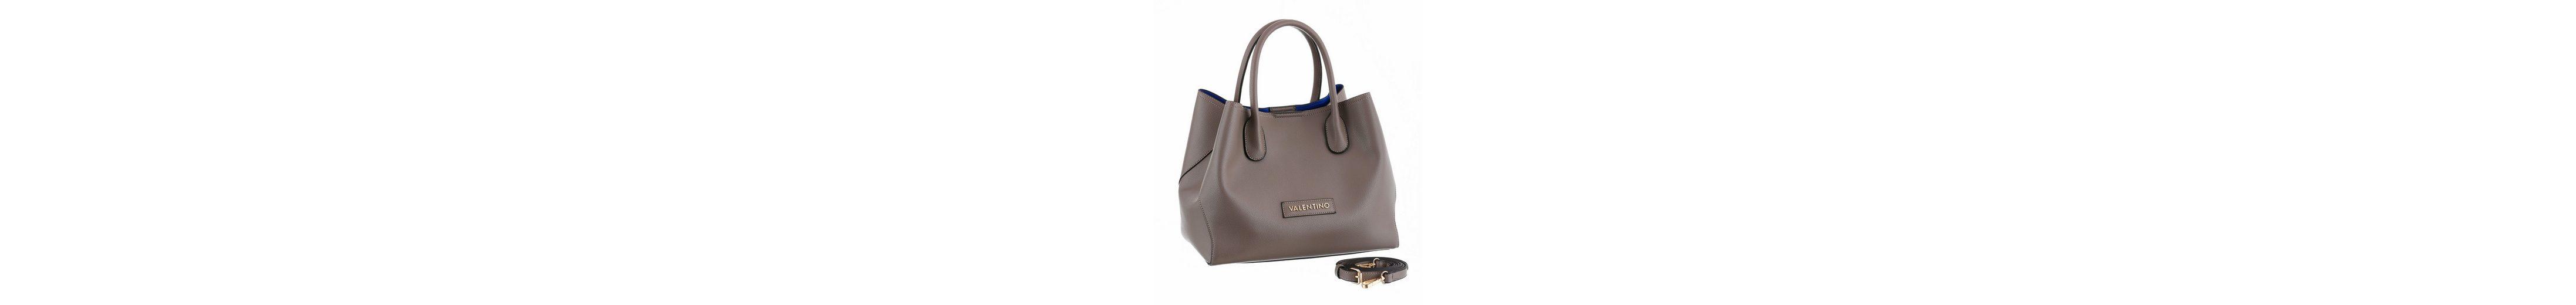 Valentino handbags Shopper mit variablem Volumen